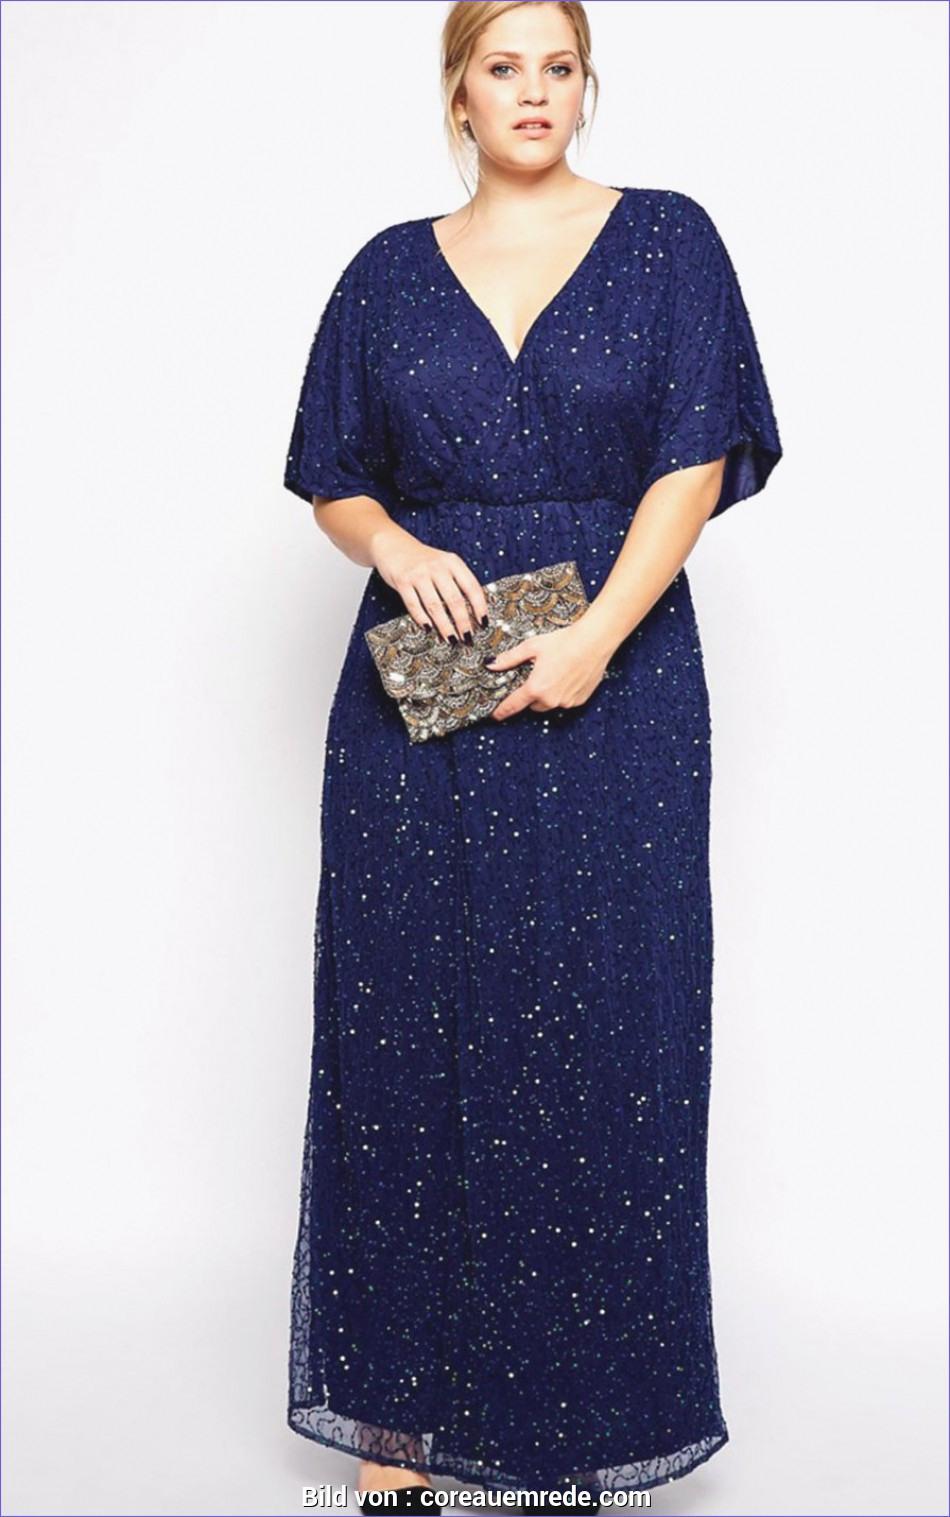 20 Top Abendbekleidung Für Damen Design20 Elegant Abendbekleidung Für Damen Stylish